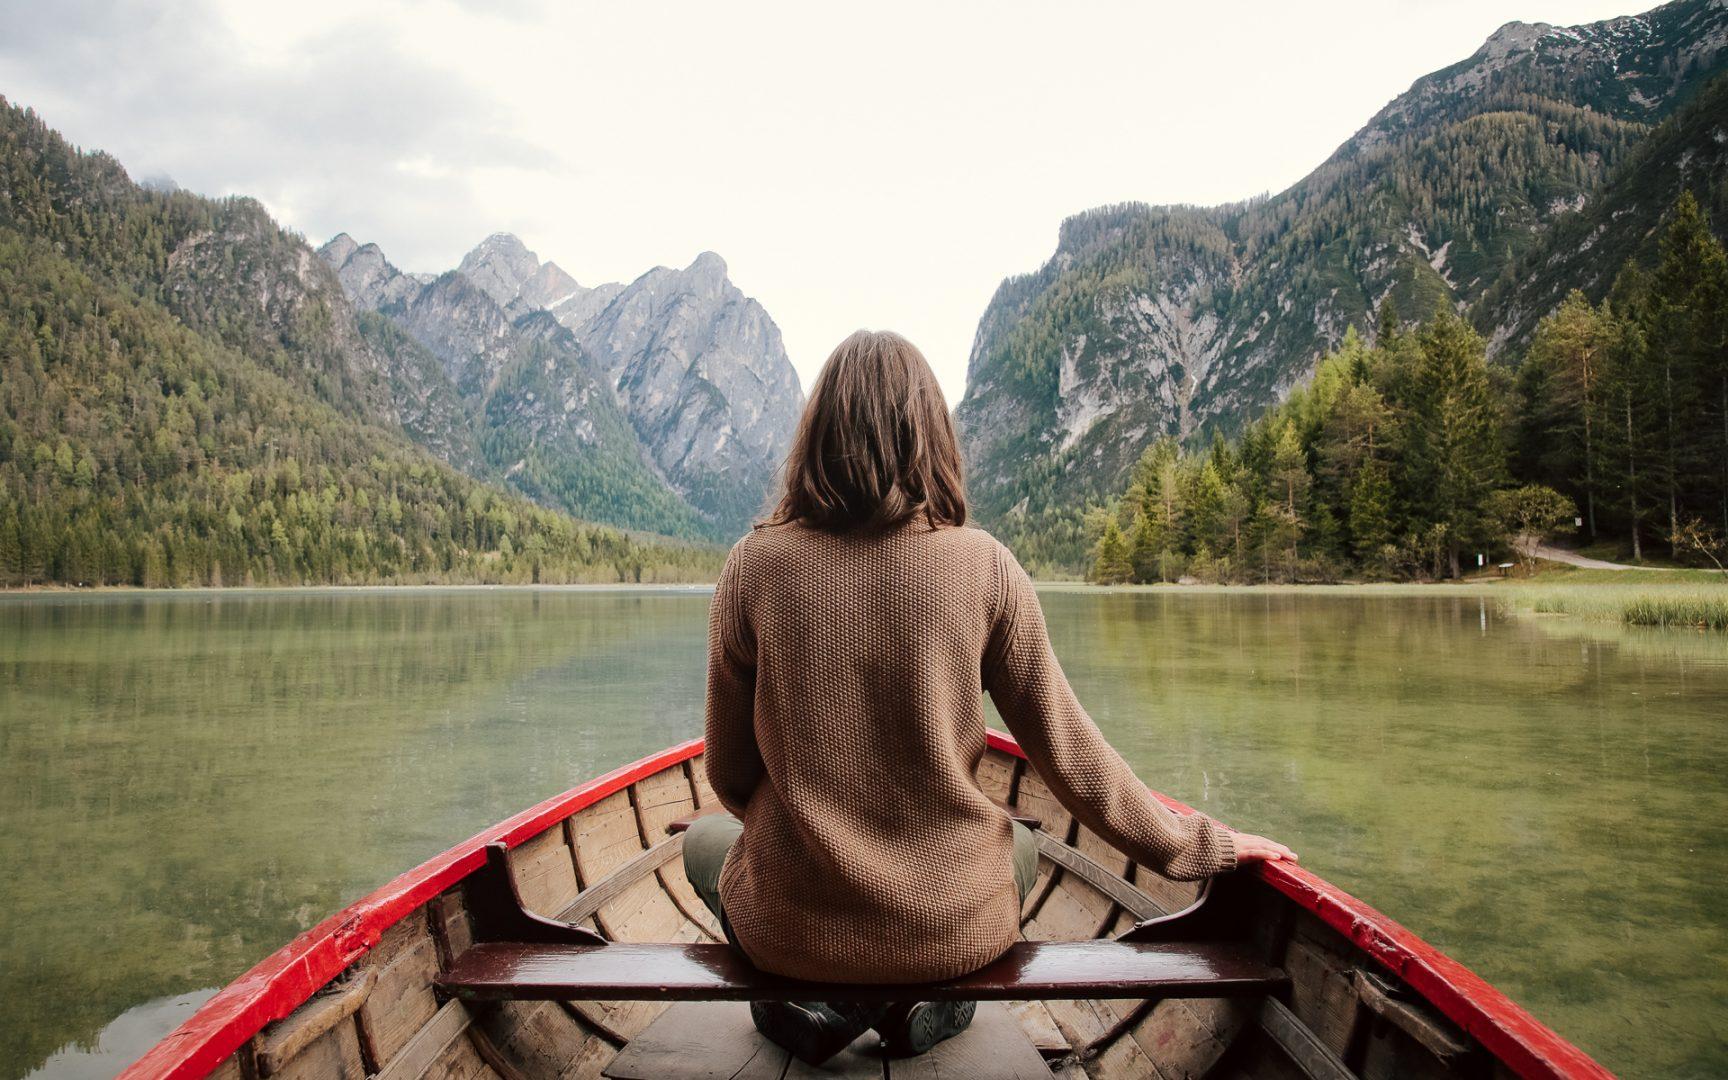 Eccezionale I paesaggi mozzafiato della Val Pusteria | Collater.al GE68